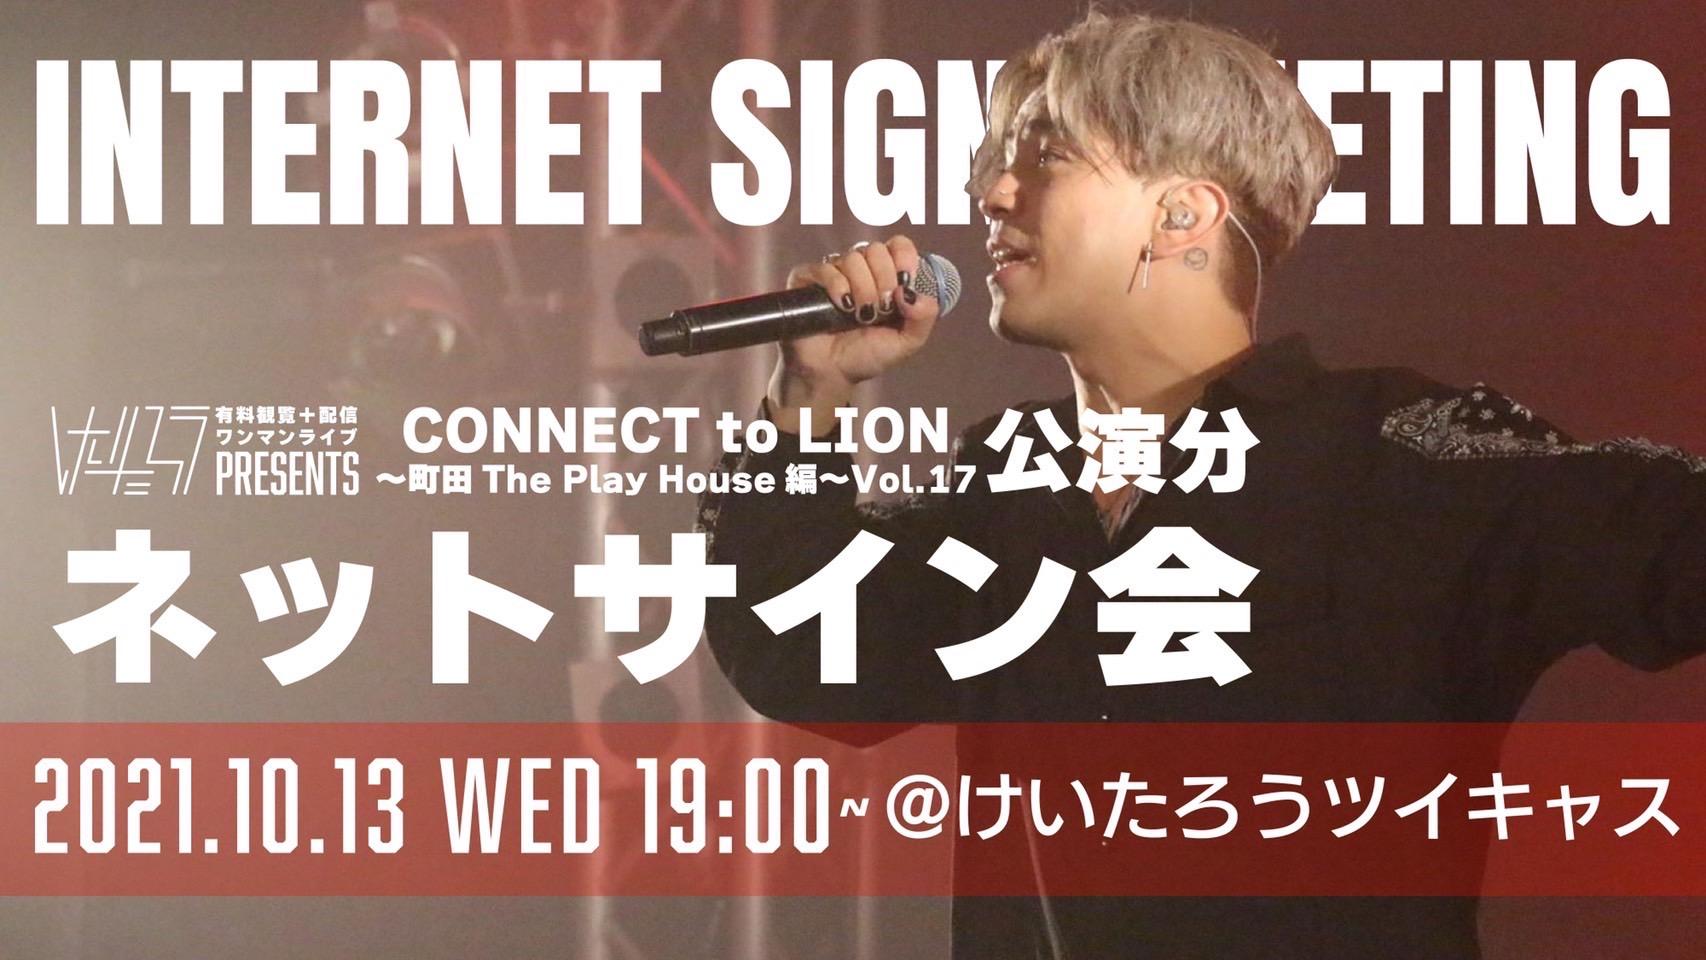 10/13(水)開催「CONNECT to LION Vol.17」 ~ ネットサイン会〜【10/9(土)公演分】